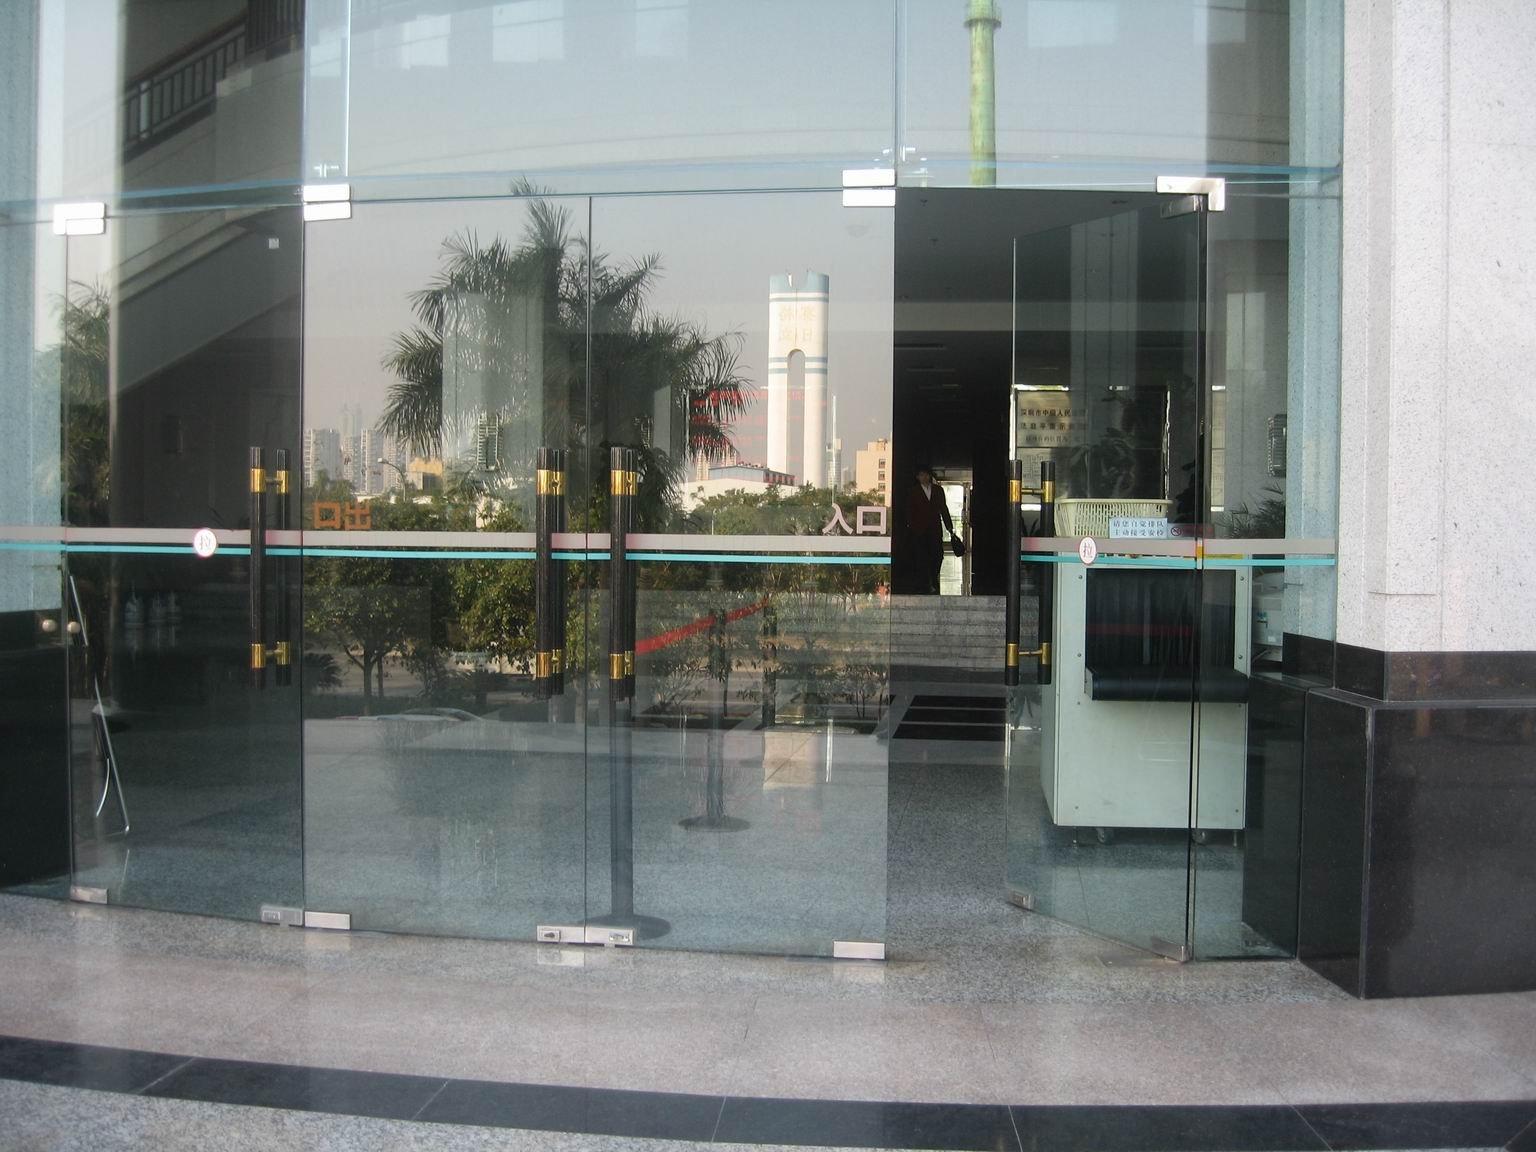 供应知春路维修玻璃门修理玻璃门故障